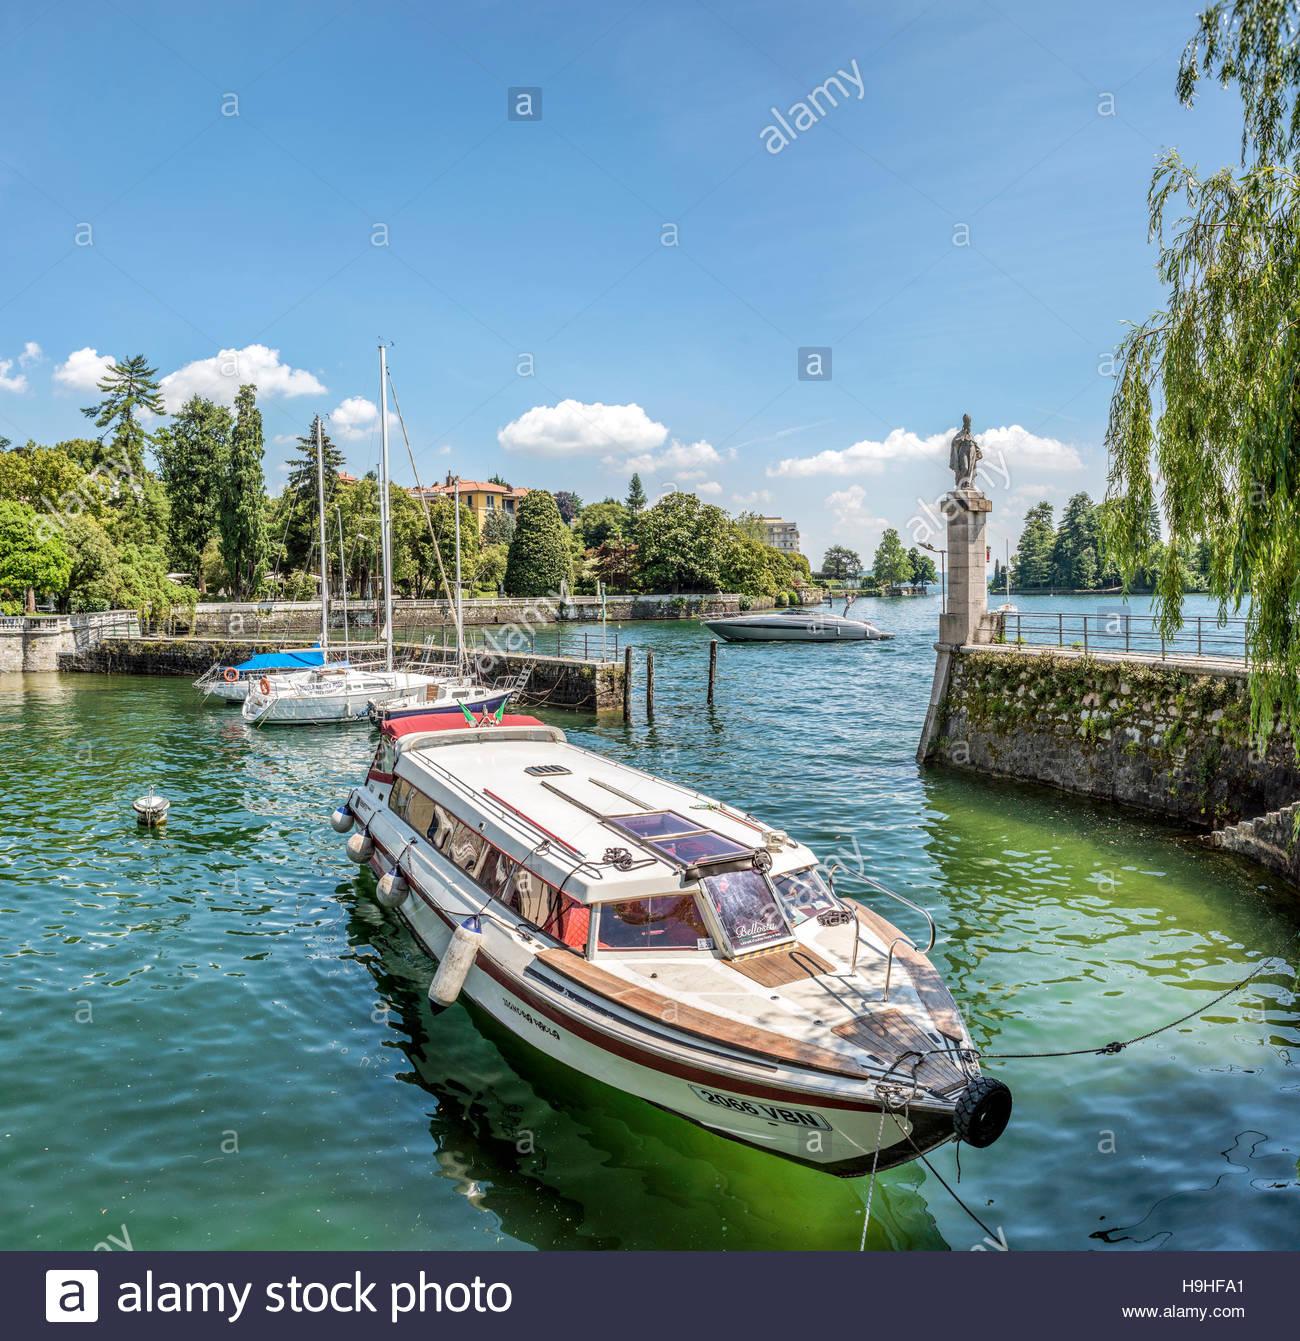 Marina of Pallanza at Lago Maggiore, Piedmont, Italy   Yachthafen von Pallanza am Lago Maggiore, Piemont, Italien - Stock Image